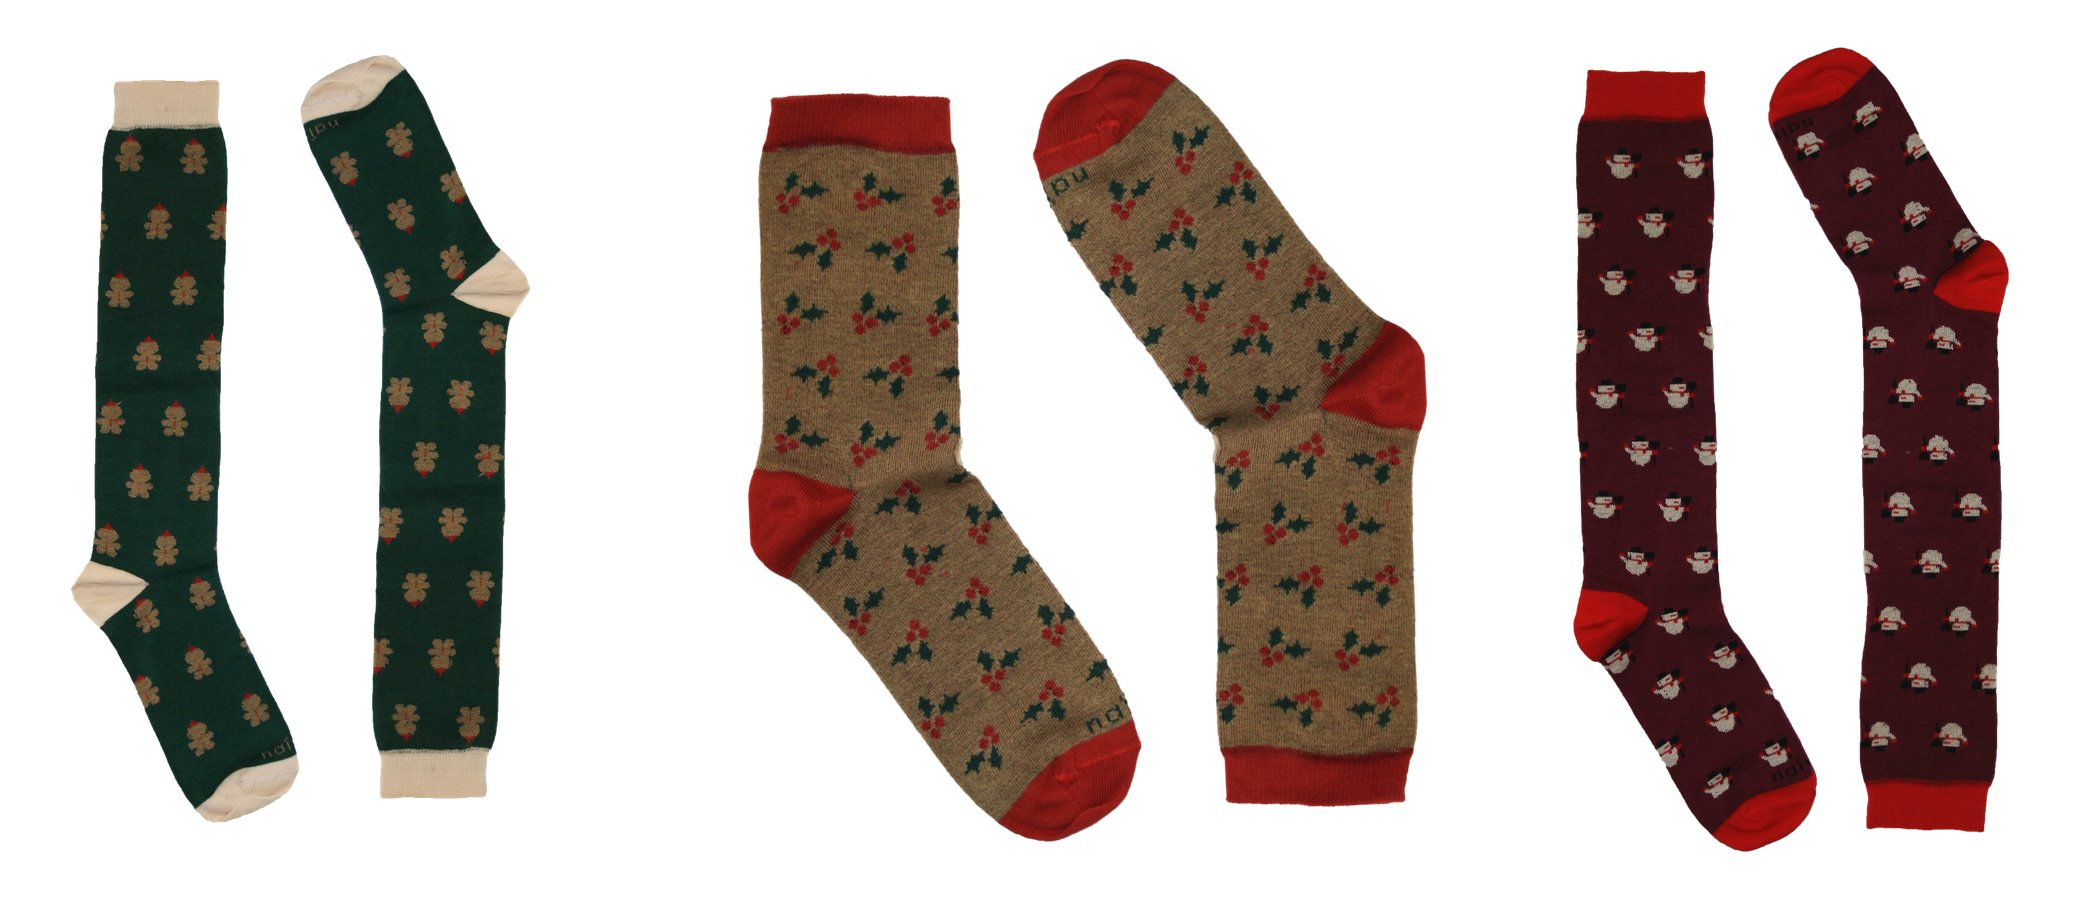 Pack de calcetines Naïve: el mejor regalo para estas Navidades